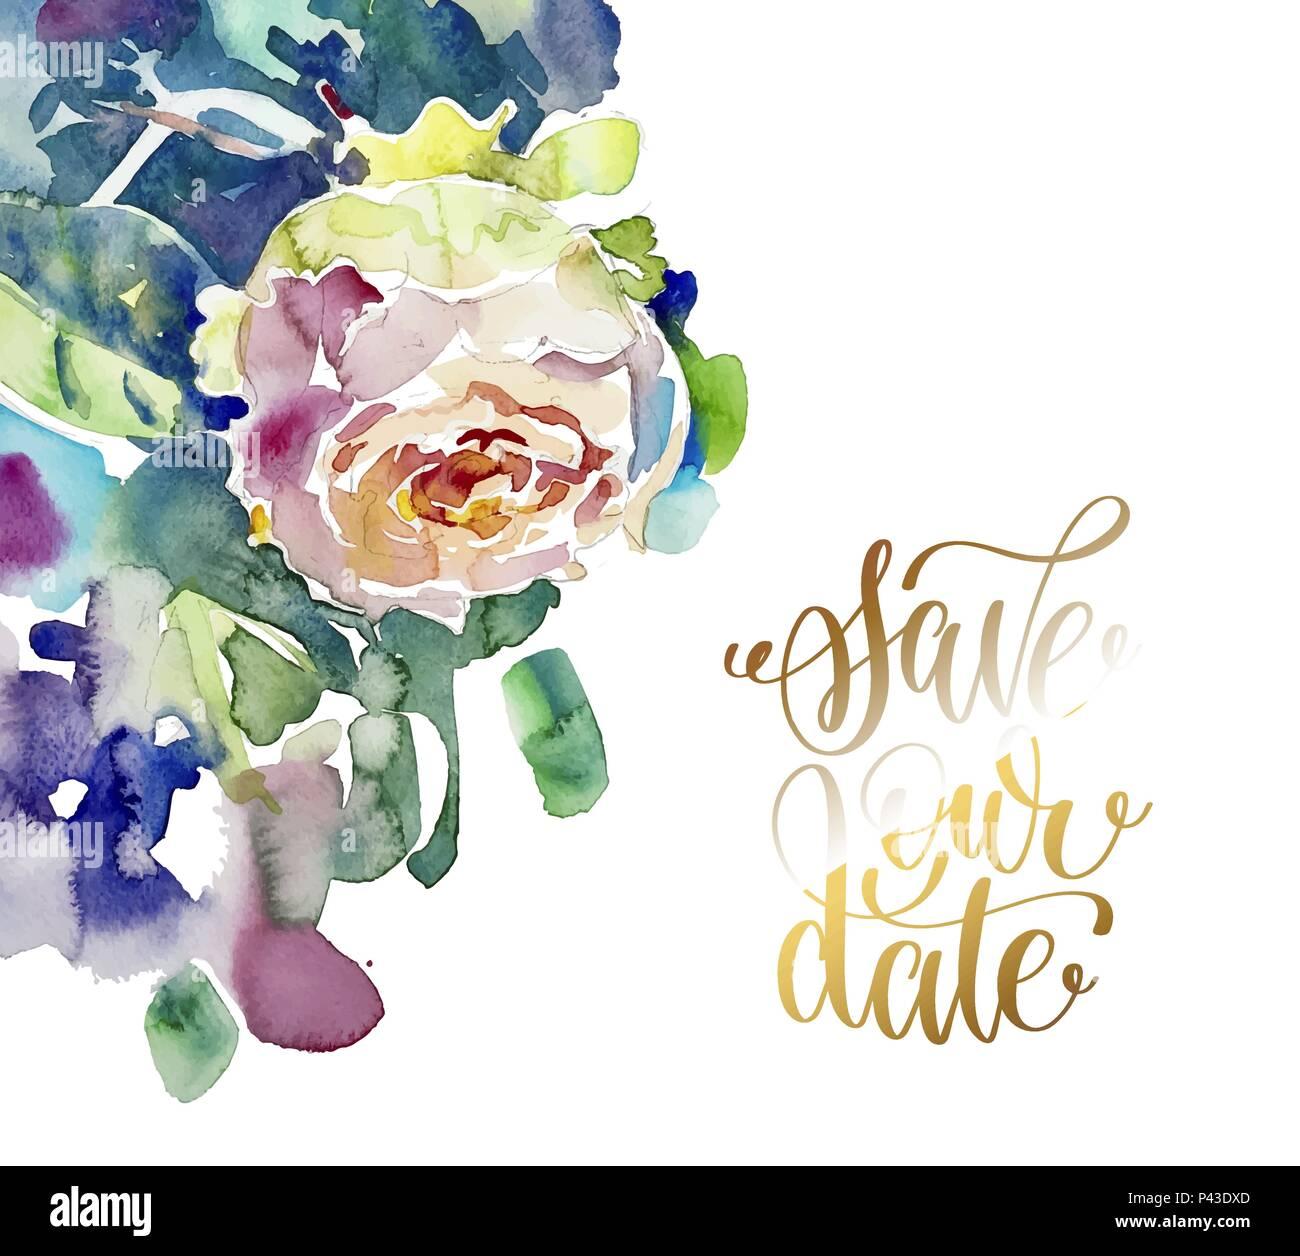 Pittura A Mano Acquerello Rose Biglietto Di Auguri Per Matrimonio